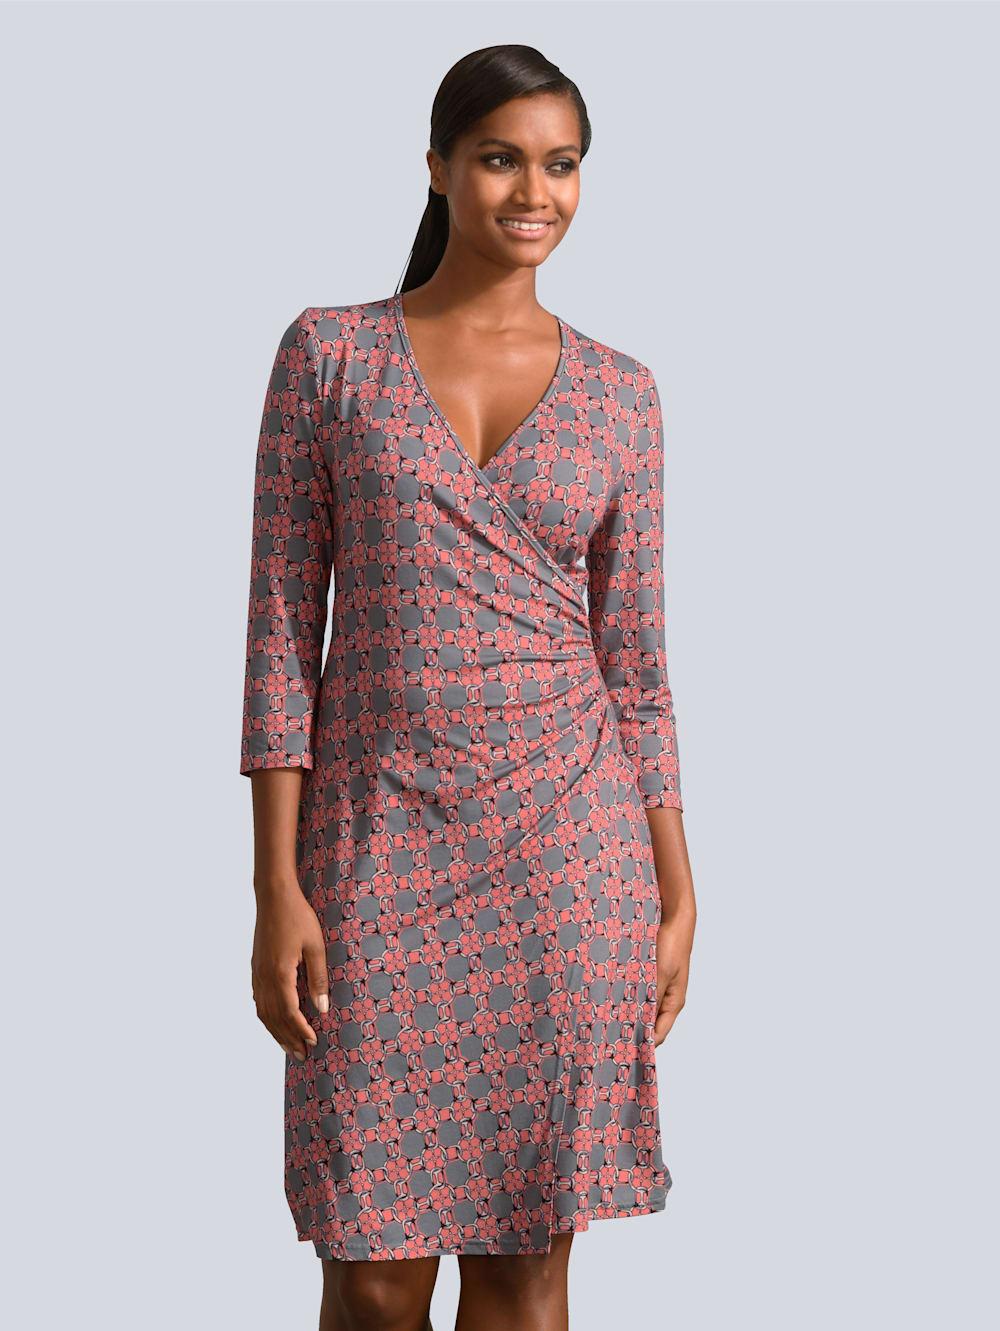 Alba Moda Kleid in Wickeloptik mit Knotendetail  Alba Moda